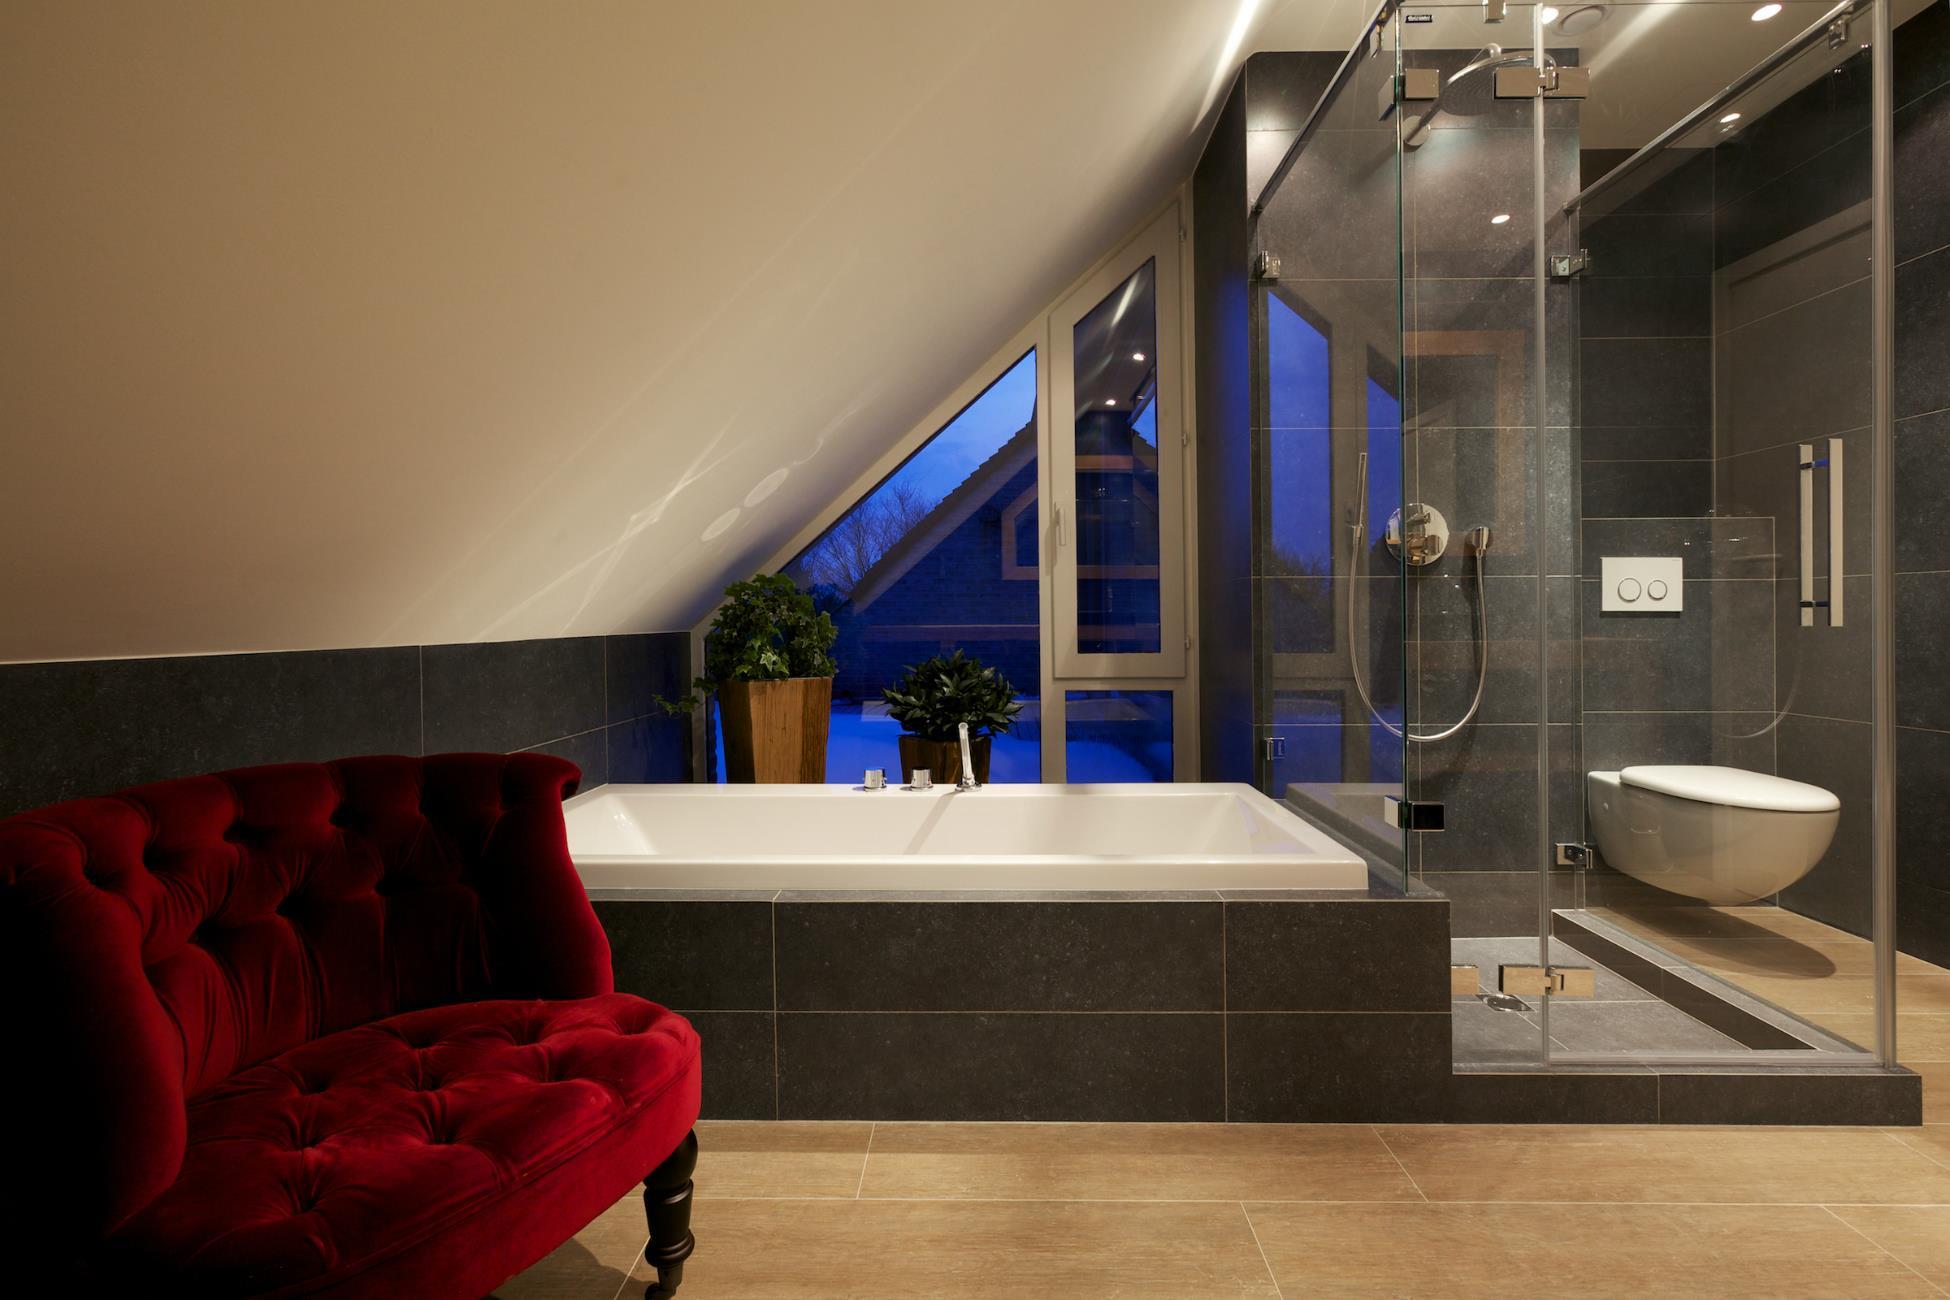 salle de bain amnagement top salle de bain habitat et avec salle de bain habitat images salle. Black Bedroom Furniture Sets. Home Design Ideas